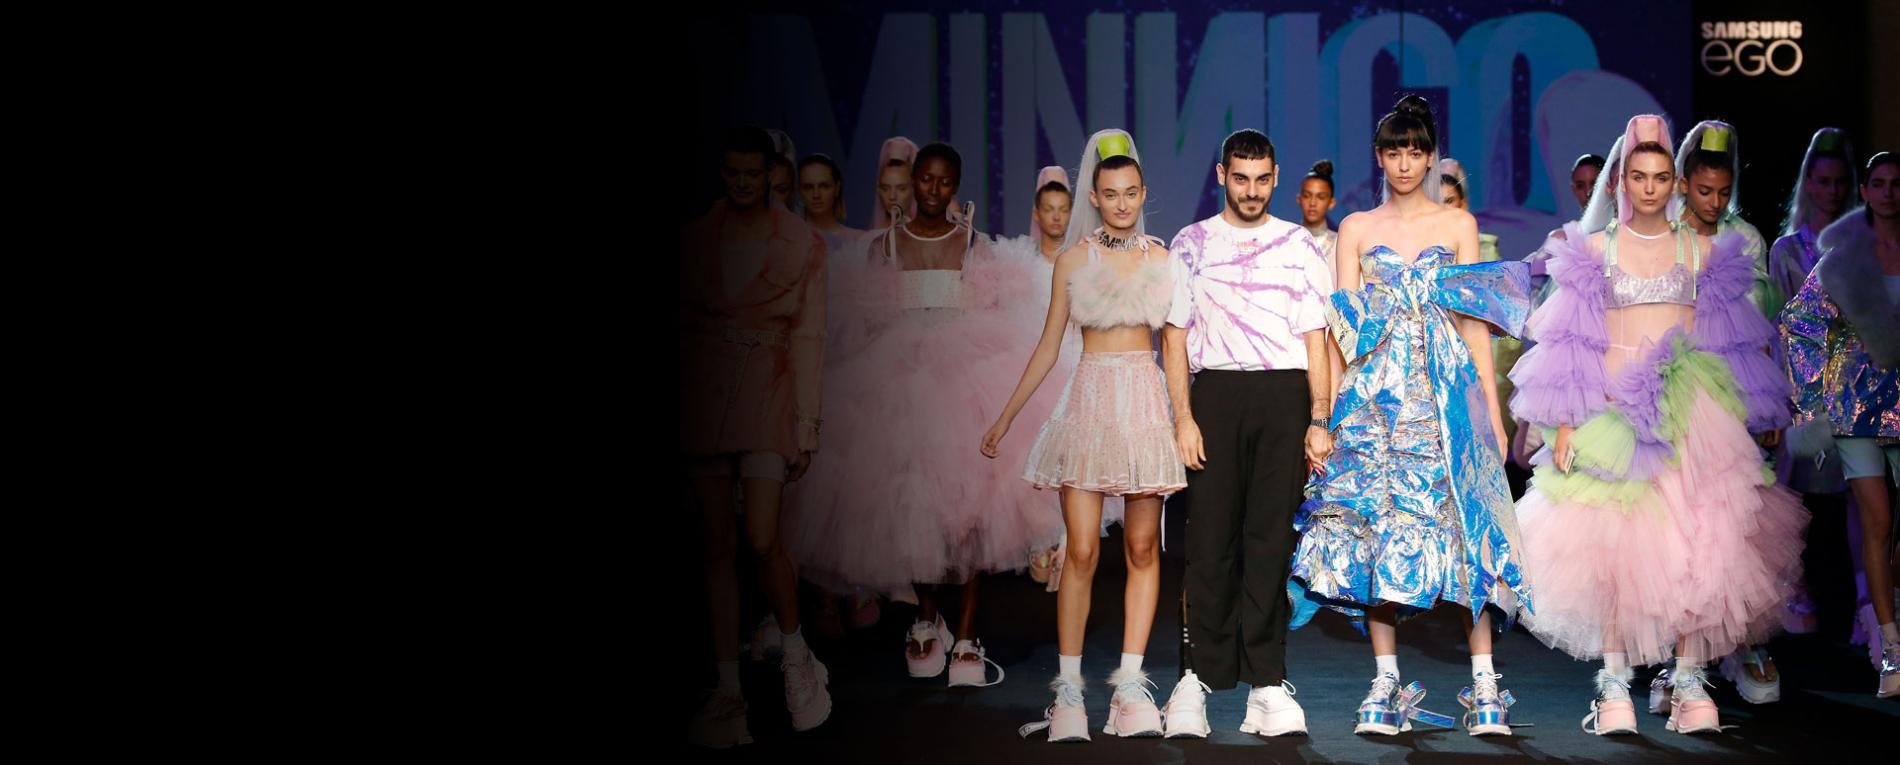 Mbfwmadrid The Great Spanish Fashion Catwalk